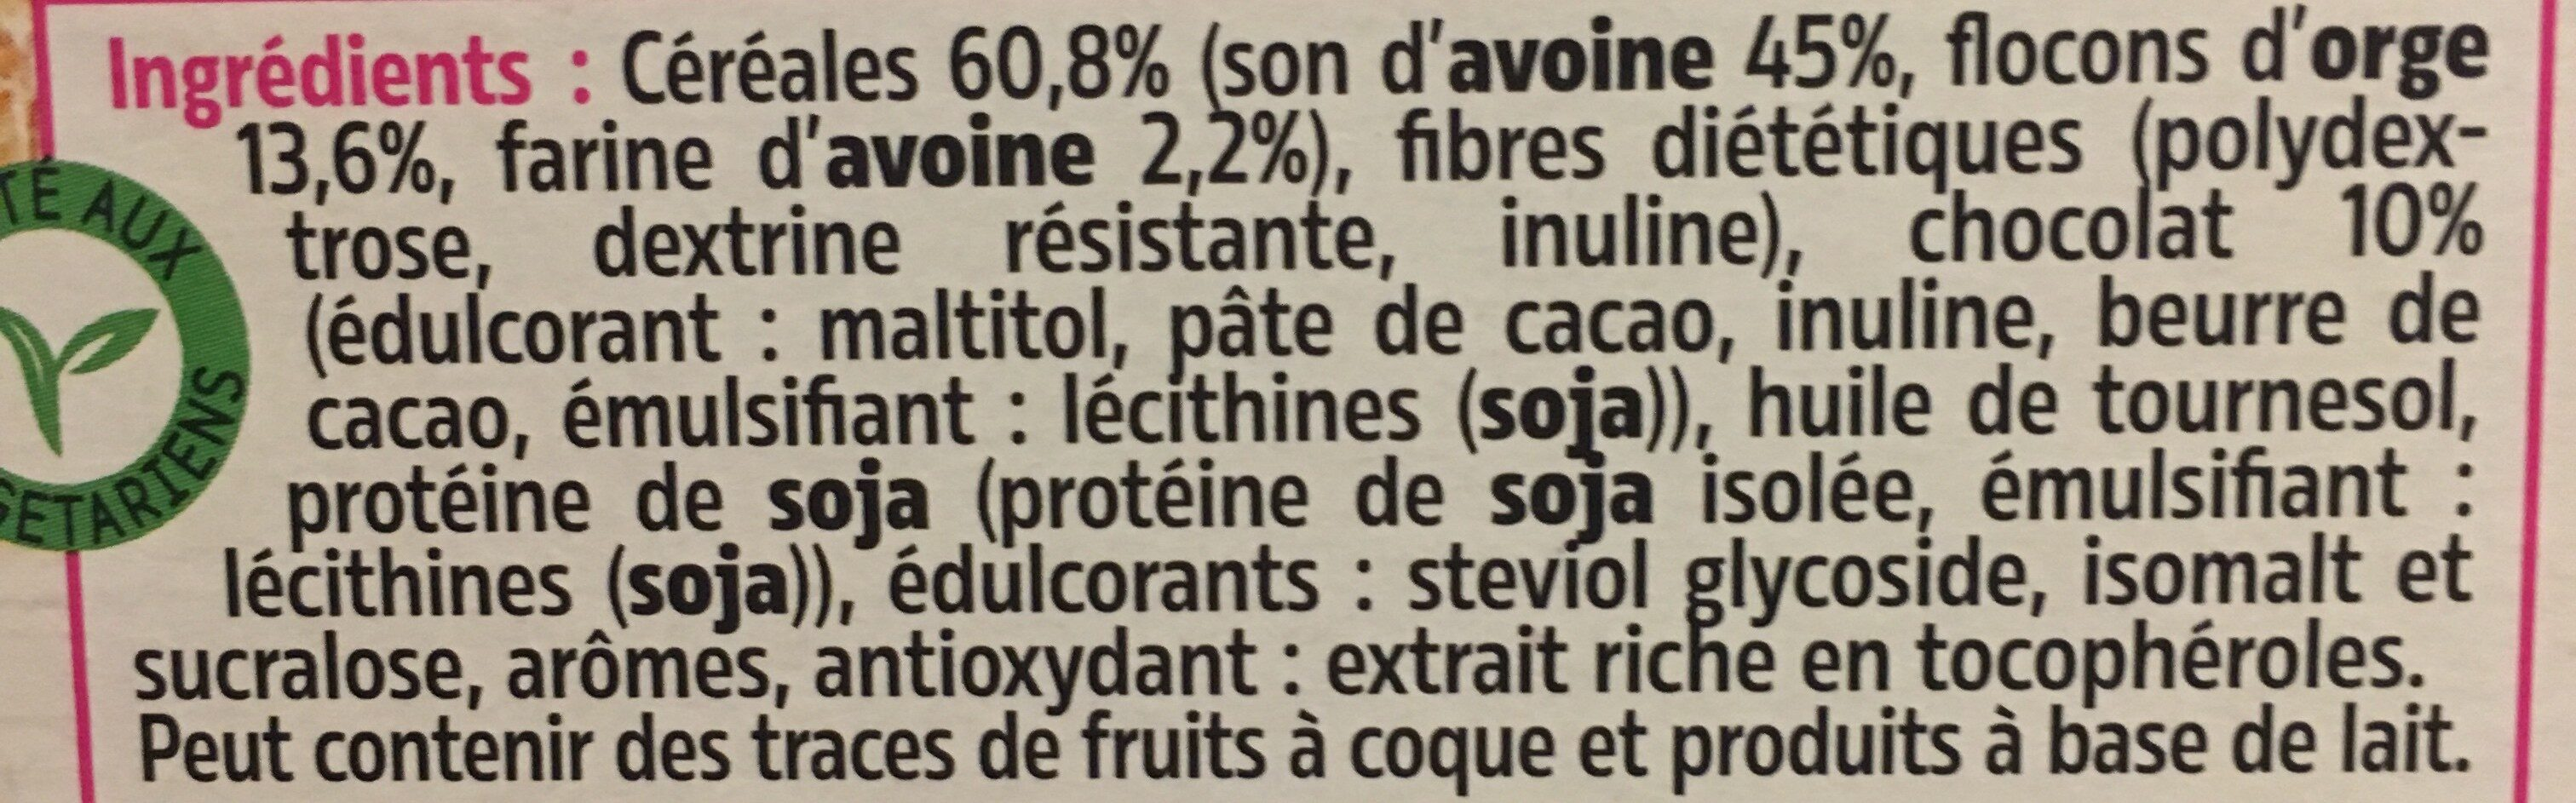 Pépites aux éclats de chocolat - Ingrédients